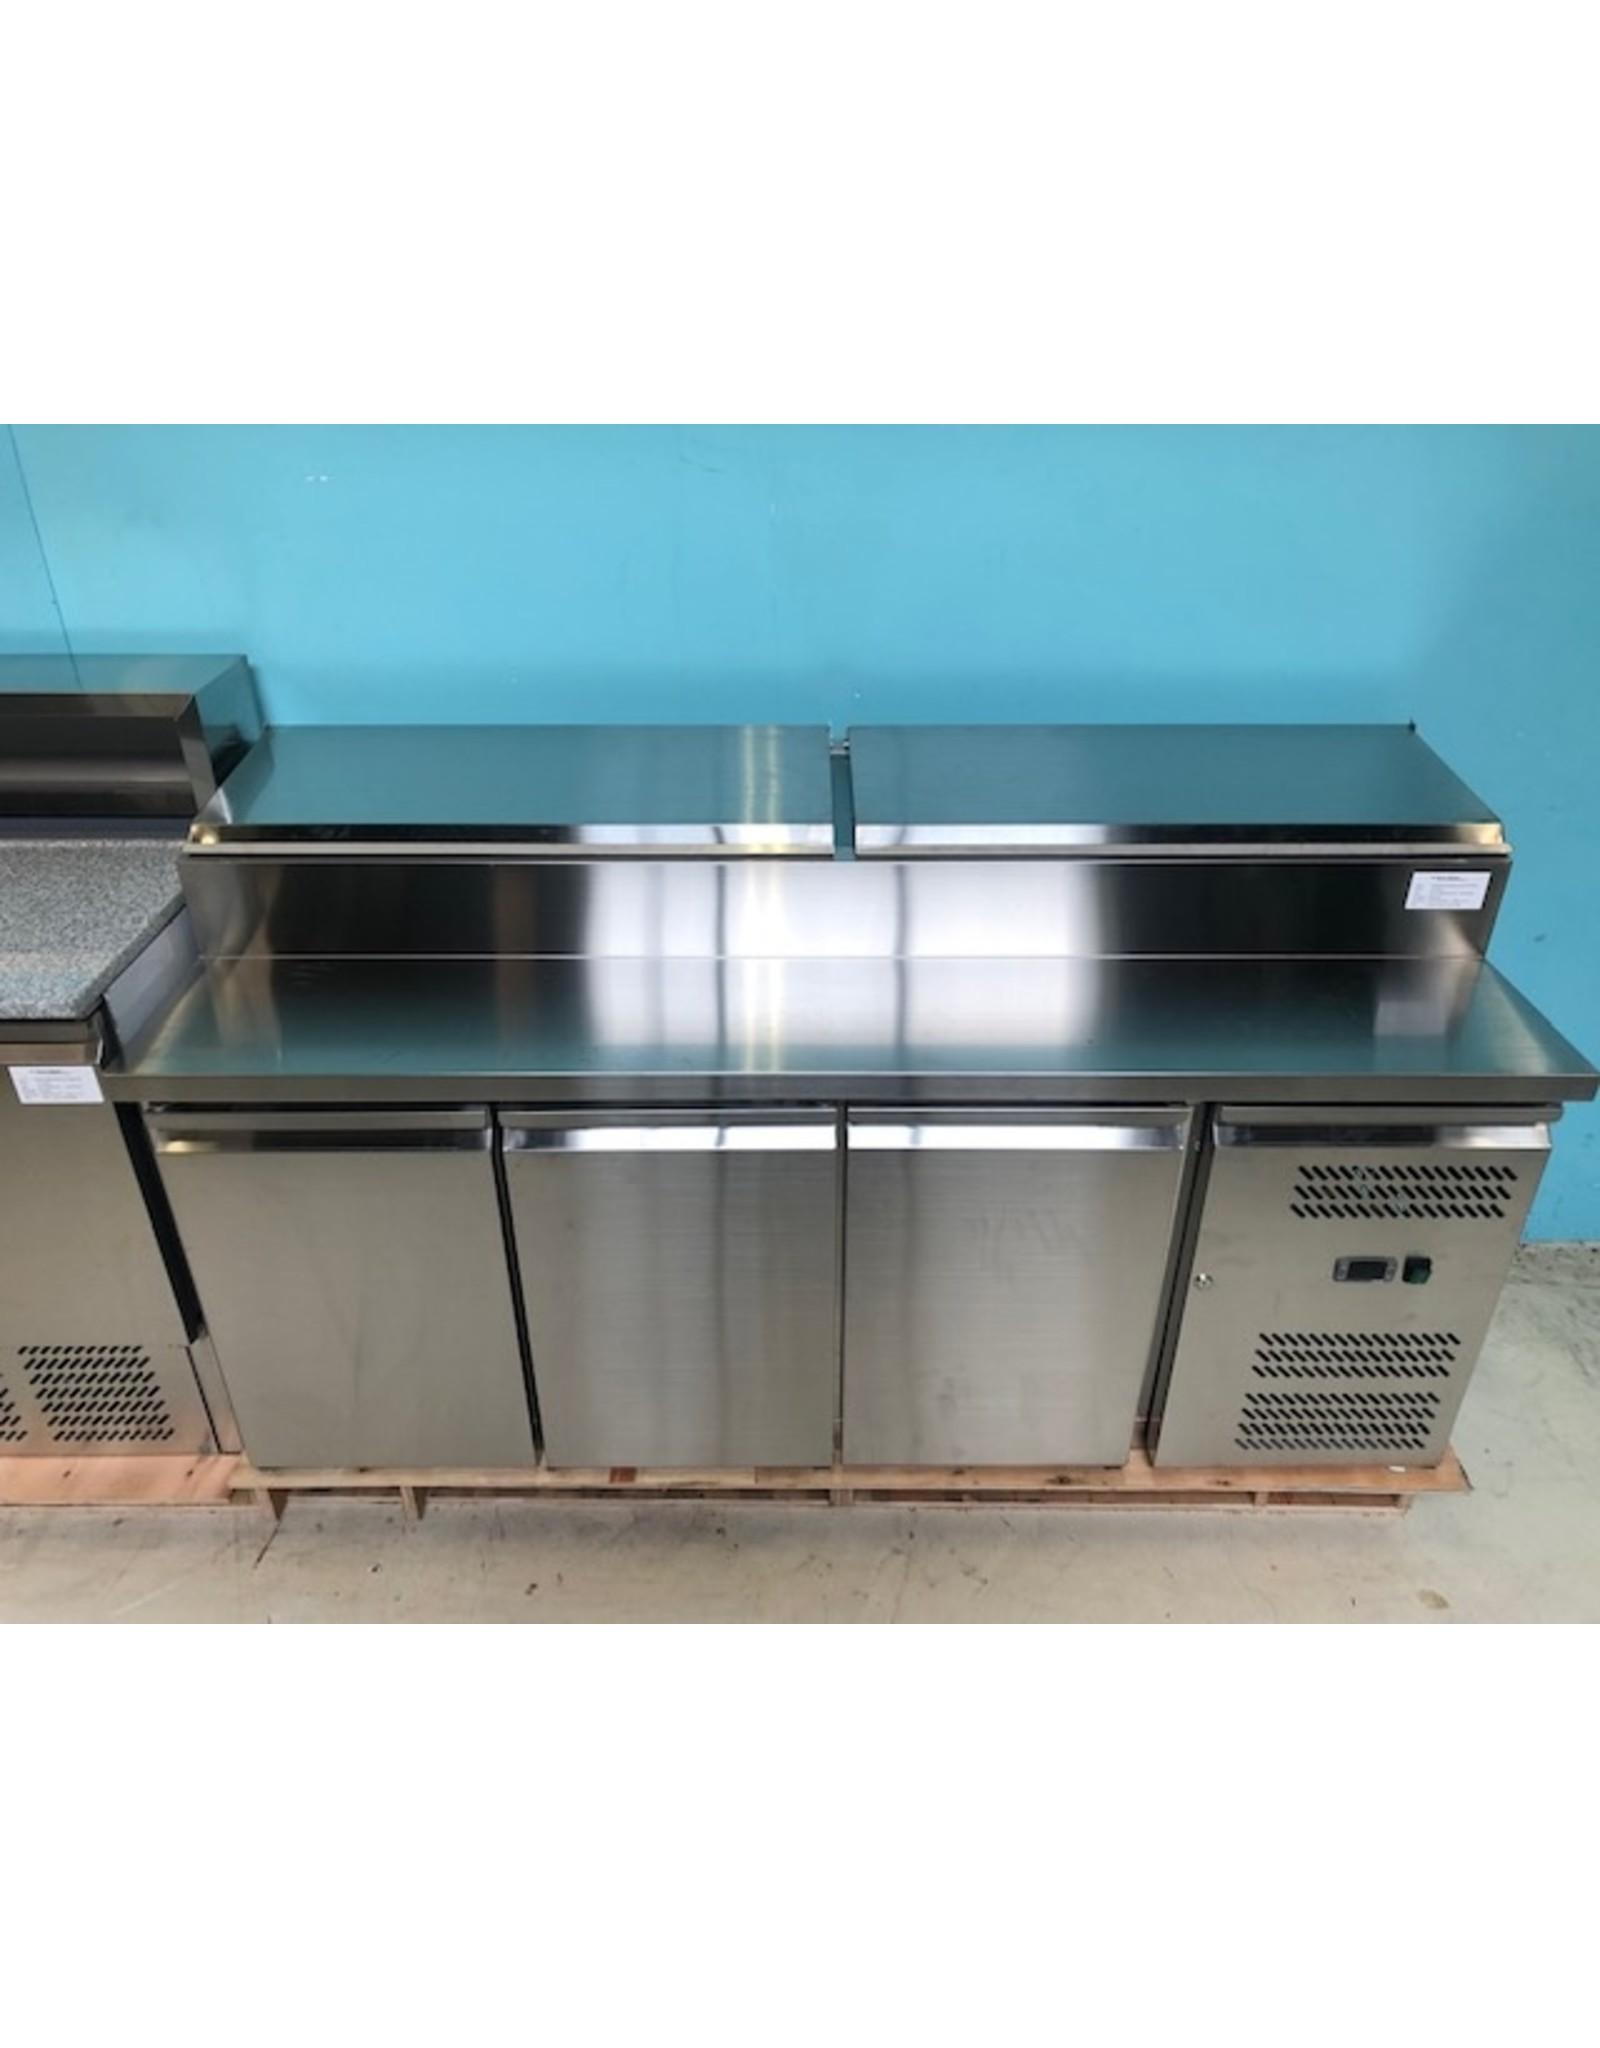 Q-Gastro Q-Gastro Solide RVS Saladiere/Saladette/Koelwerkbank 3 deurs op poten (Nieuw!!)